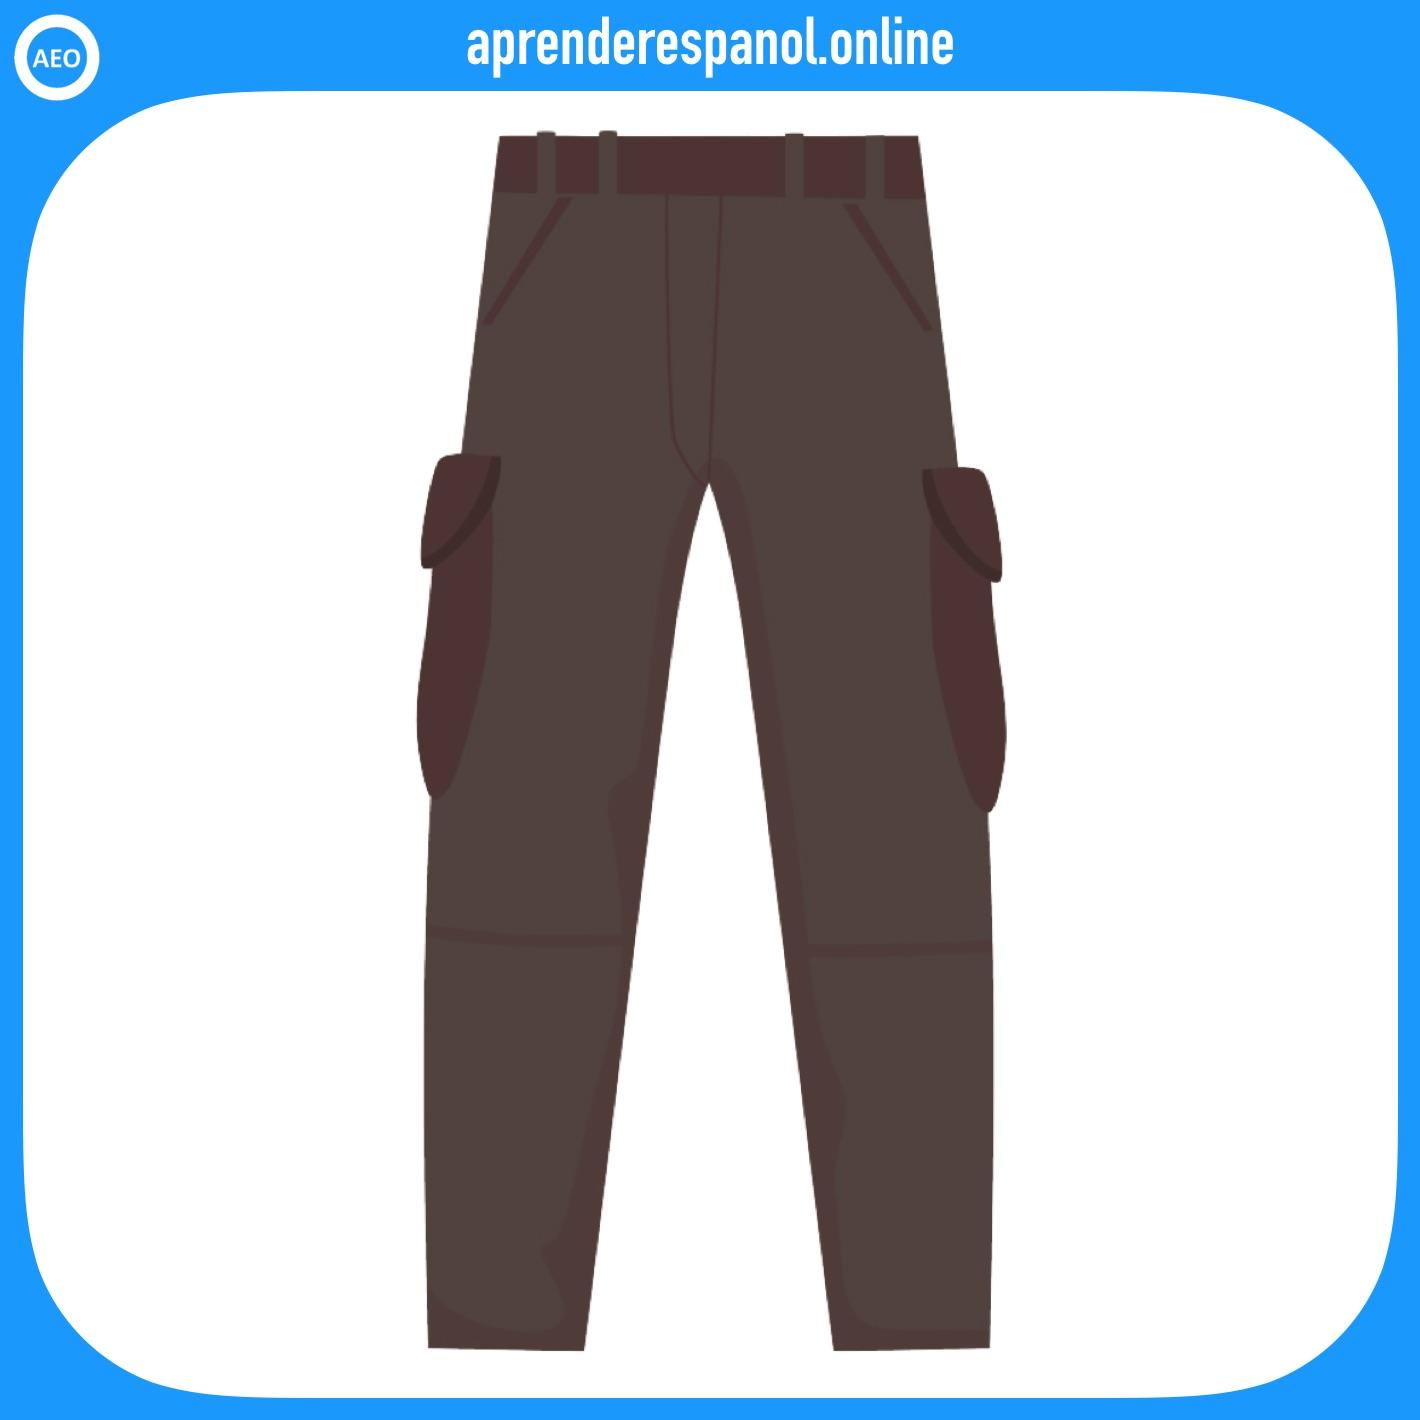 pantalones | ropa en español | vocabulario de la ropa en español